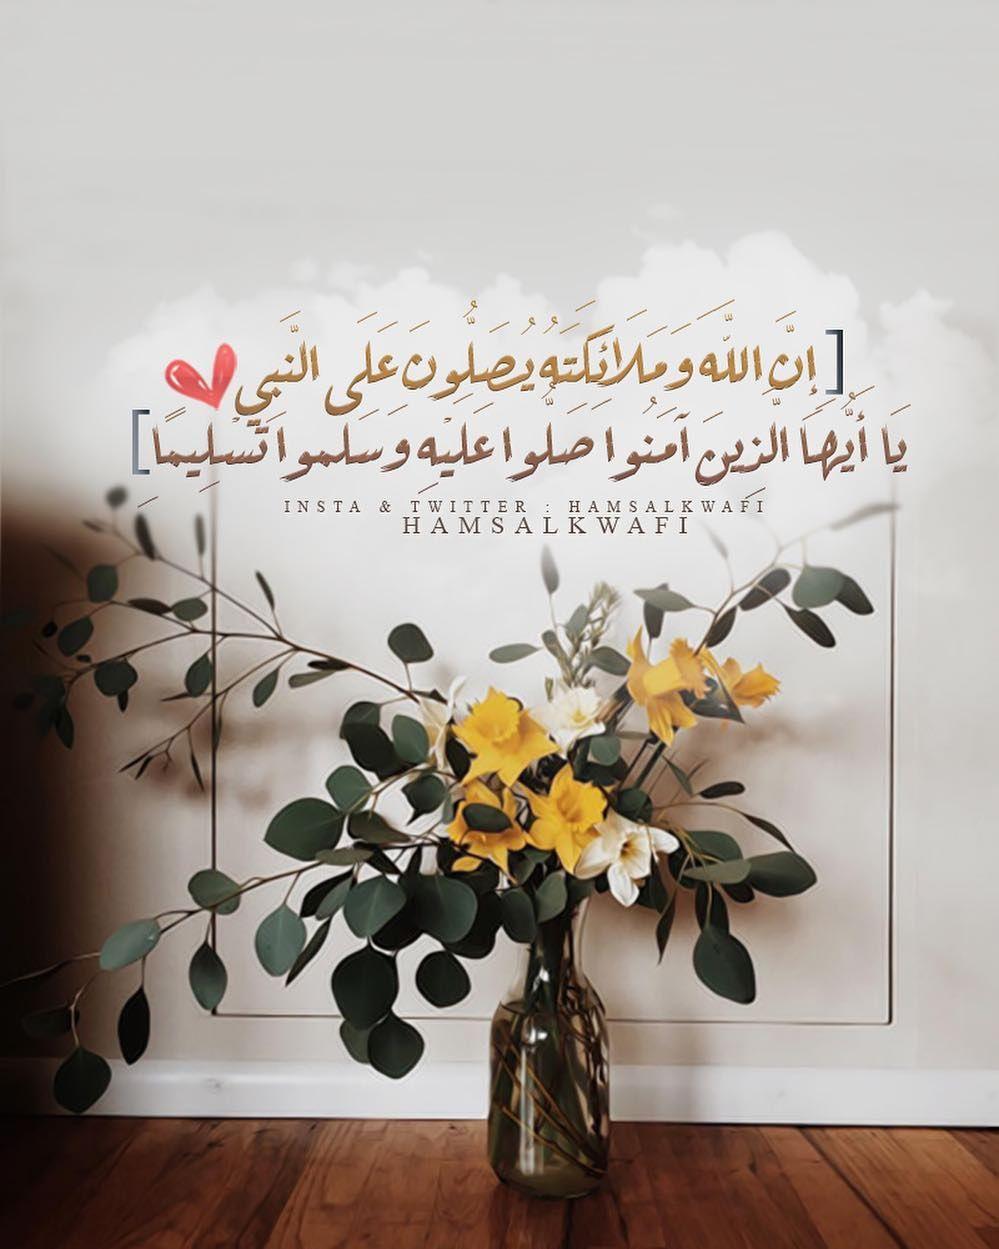 كہ ن ذا أثہ ـر On Instagram اللهم صل وسلم على نبينا محمد يوم الجمعة Islamic Quotes Wallpaper Friday Messages Islamic Quotes Quran